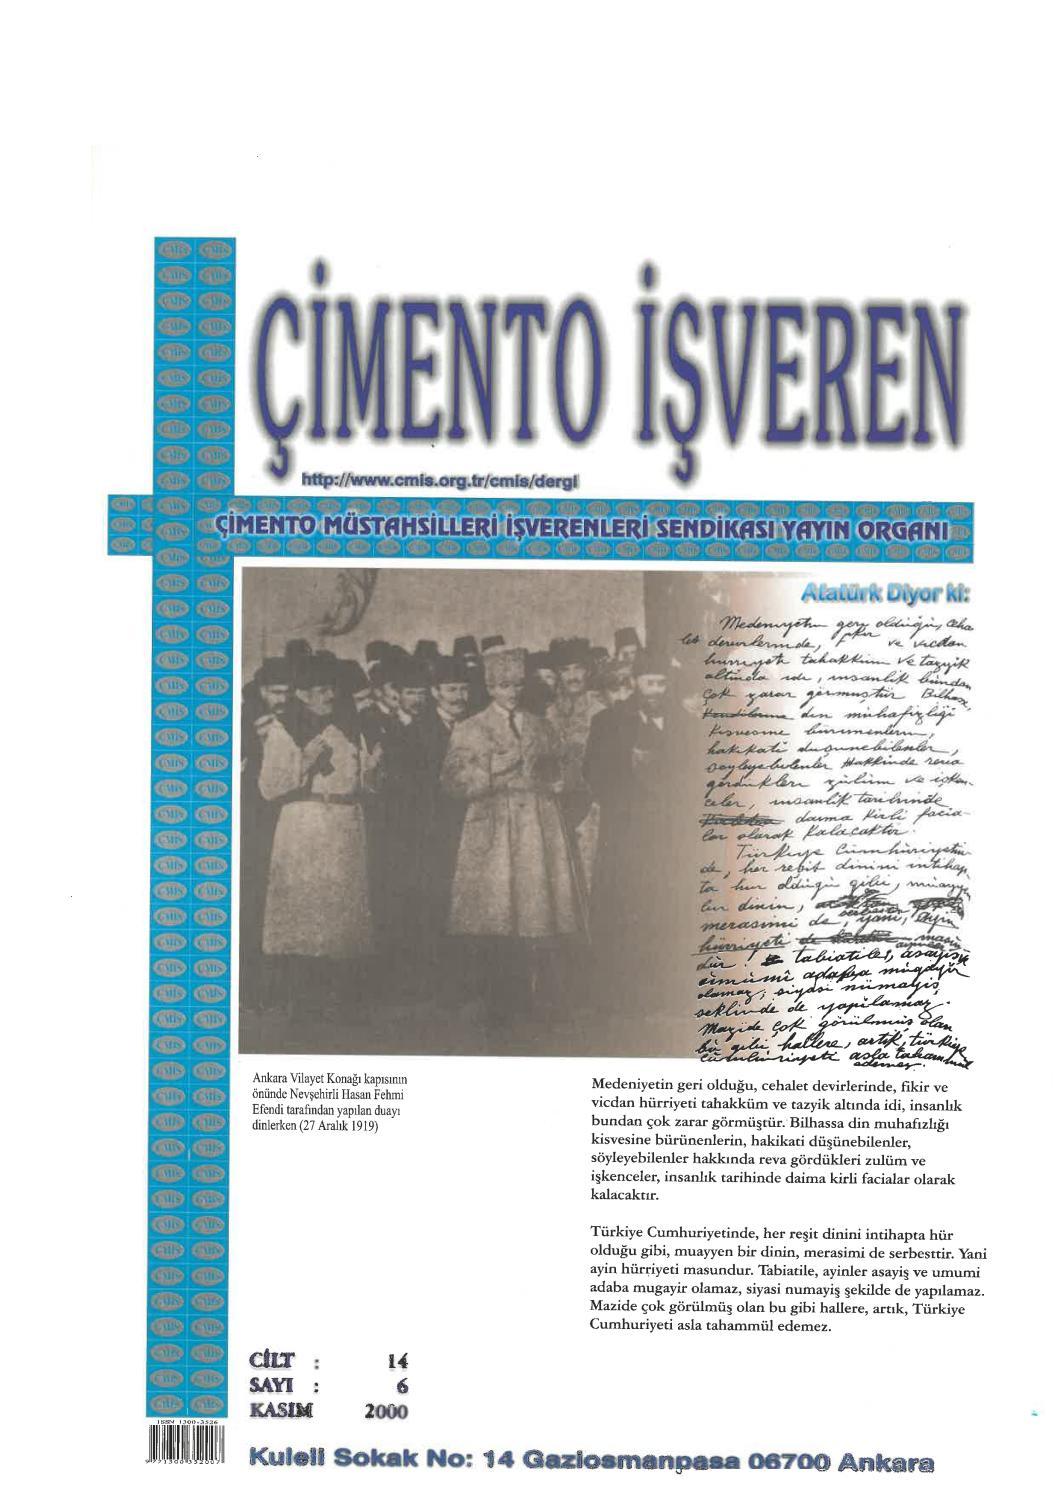 Cimento Isveren Dergisi Kasim 2000 By Ceis Takvim Issuu